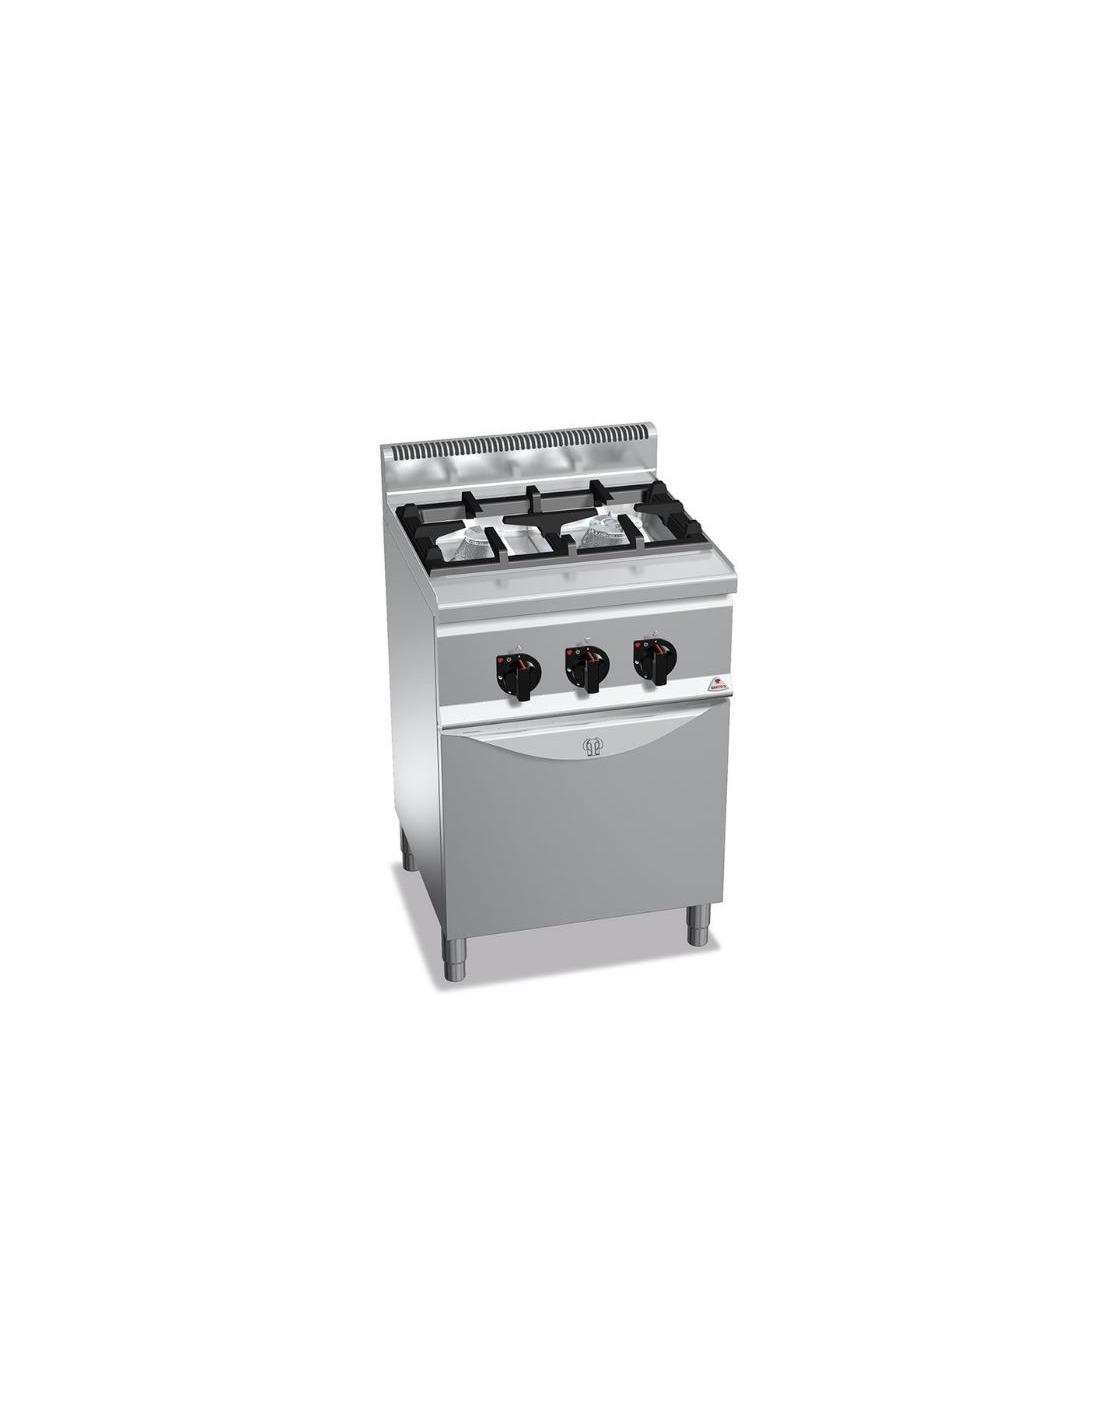 Cocina industrial de 2 fuegos restaurante con horno - Cocinas industriales de gas ...